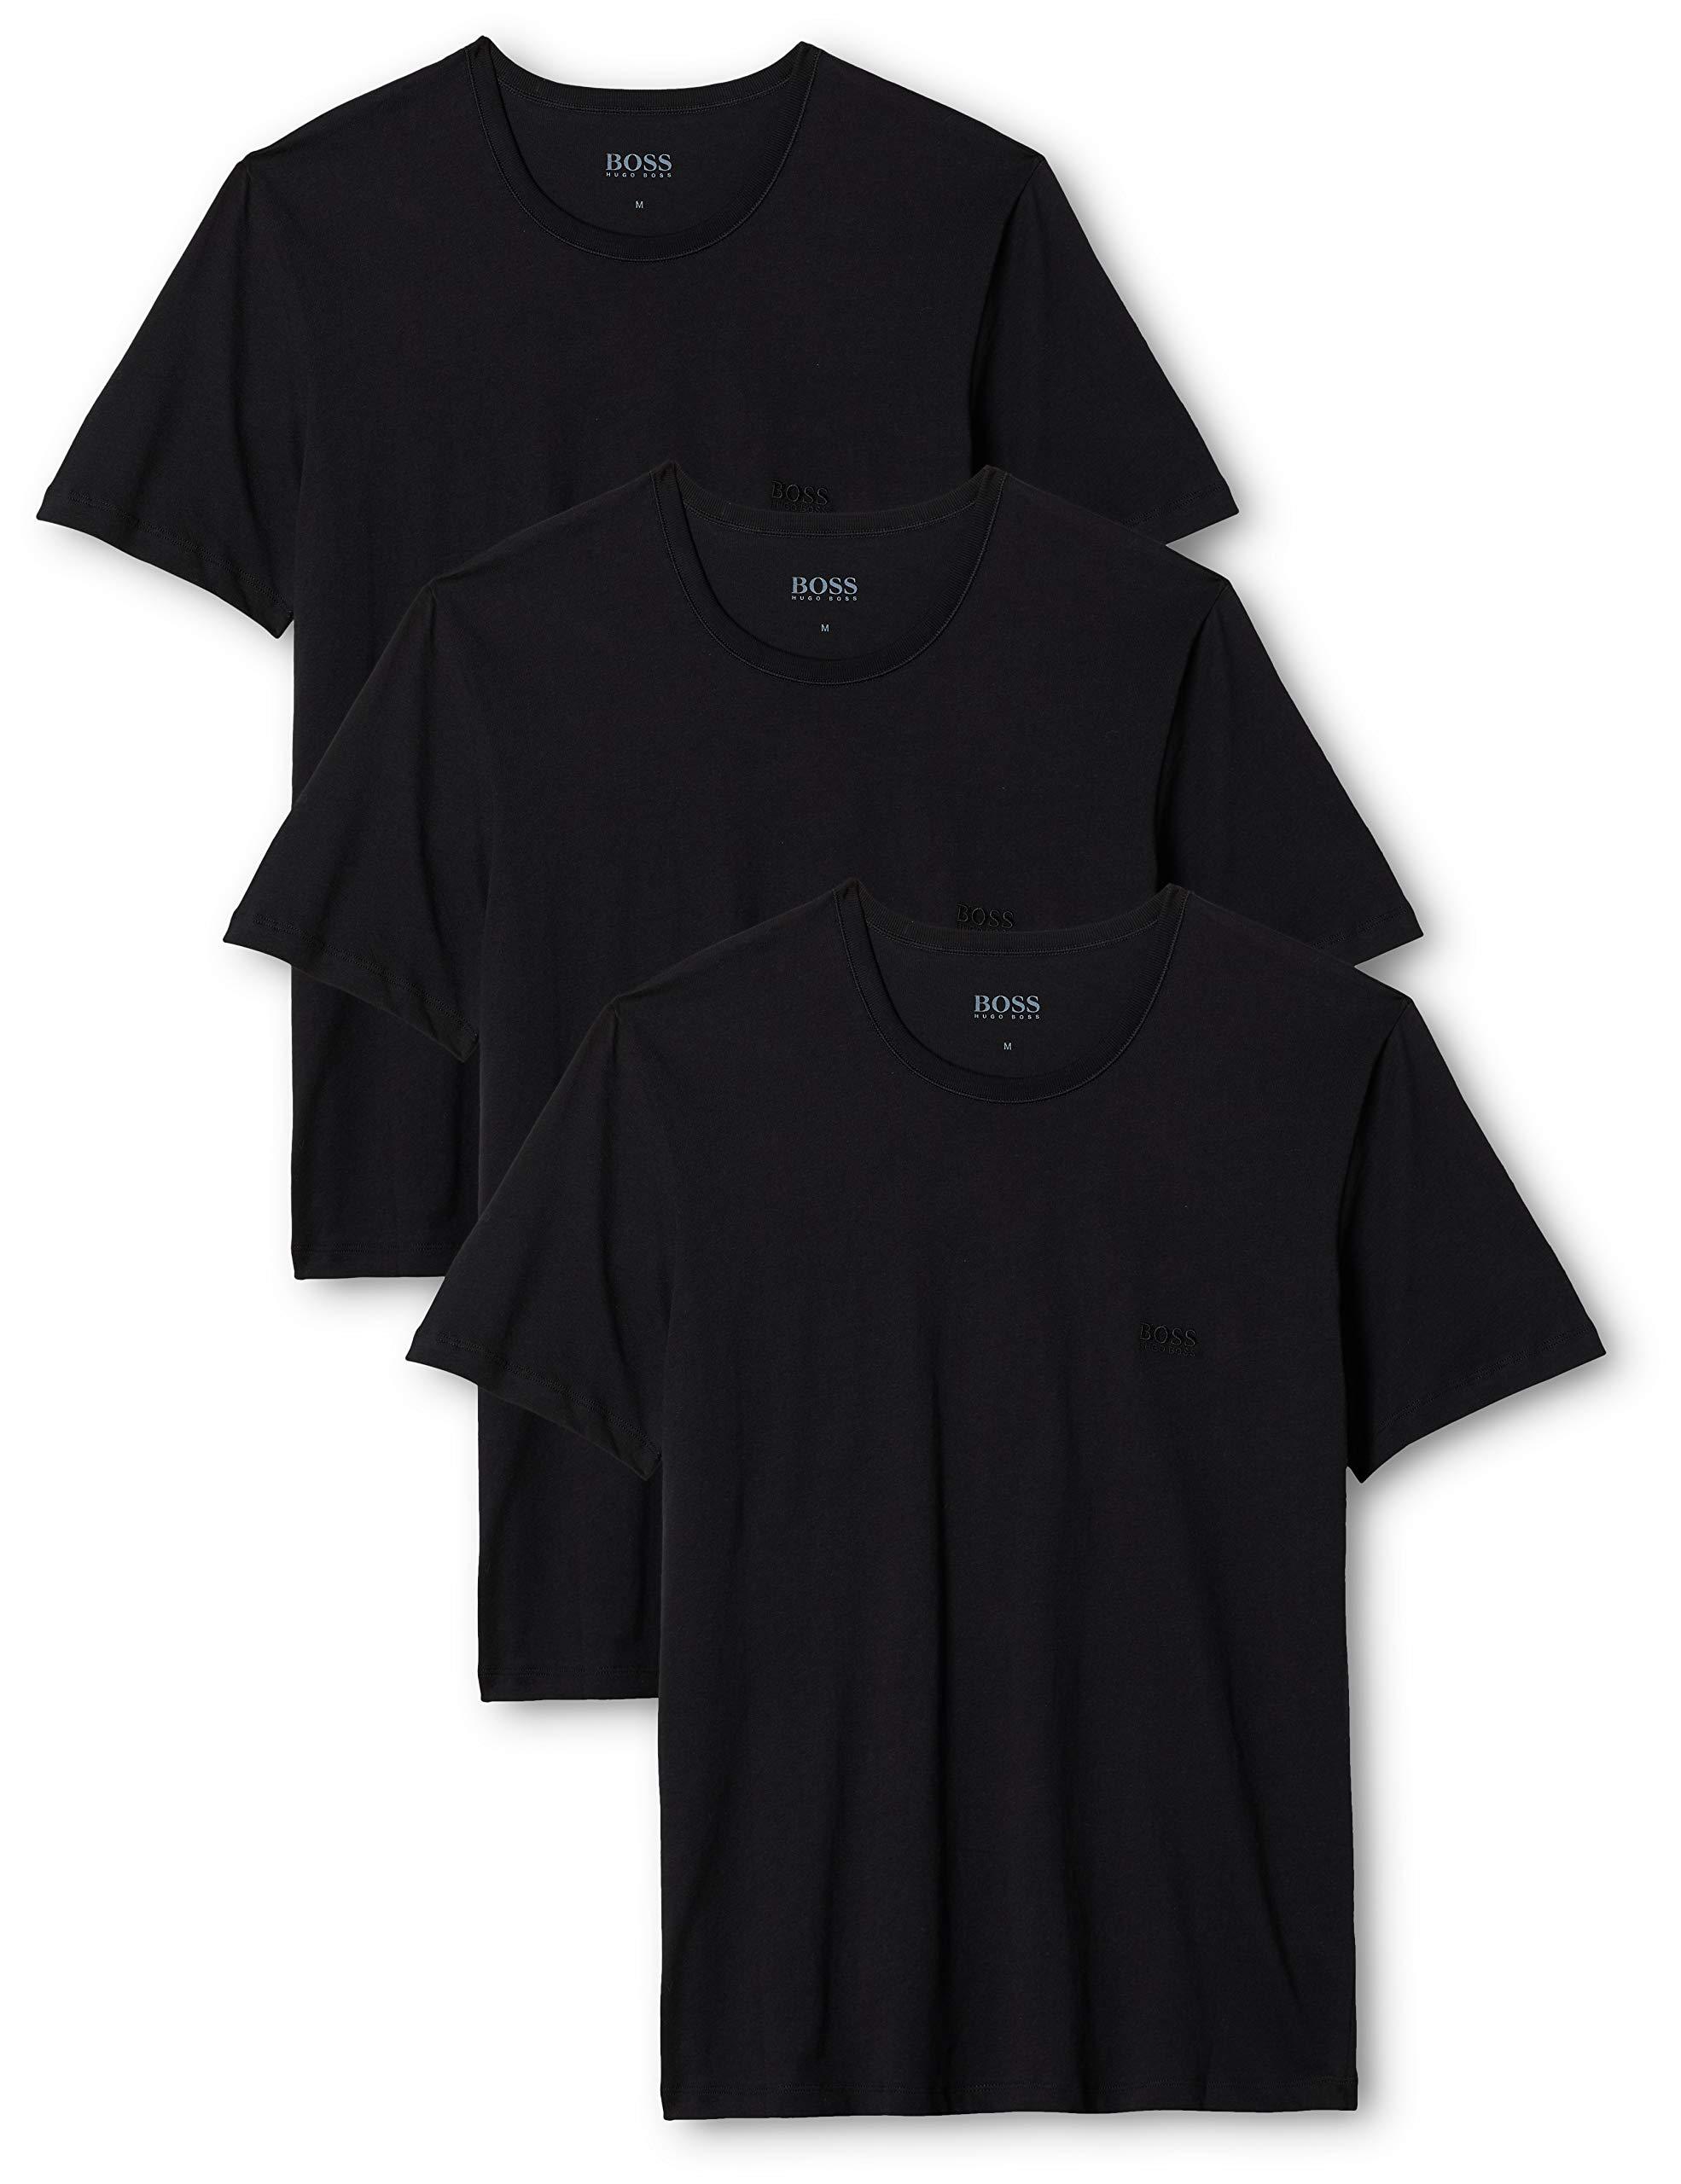 HUGO BOSSヒューゴボスメンズTシャツRnの3P共同カジュアルシャツ